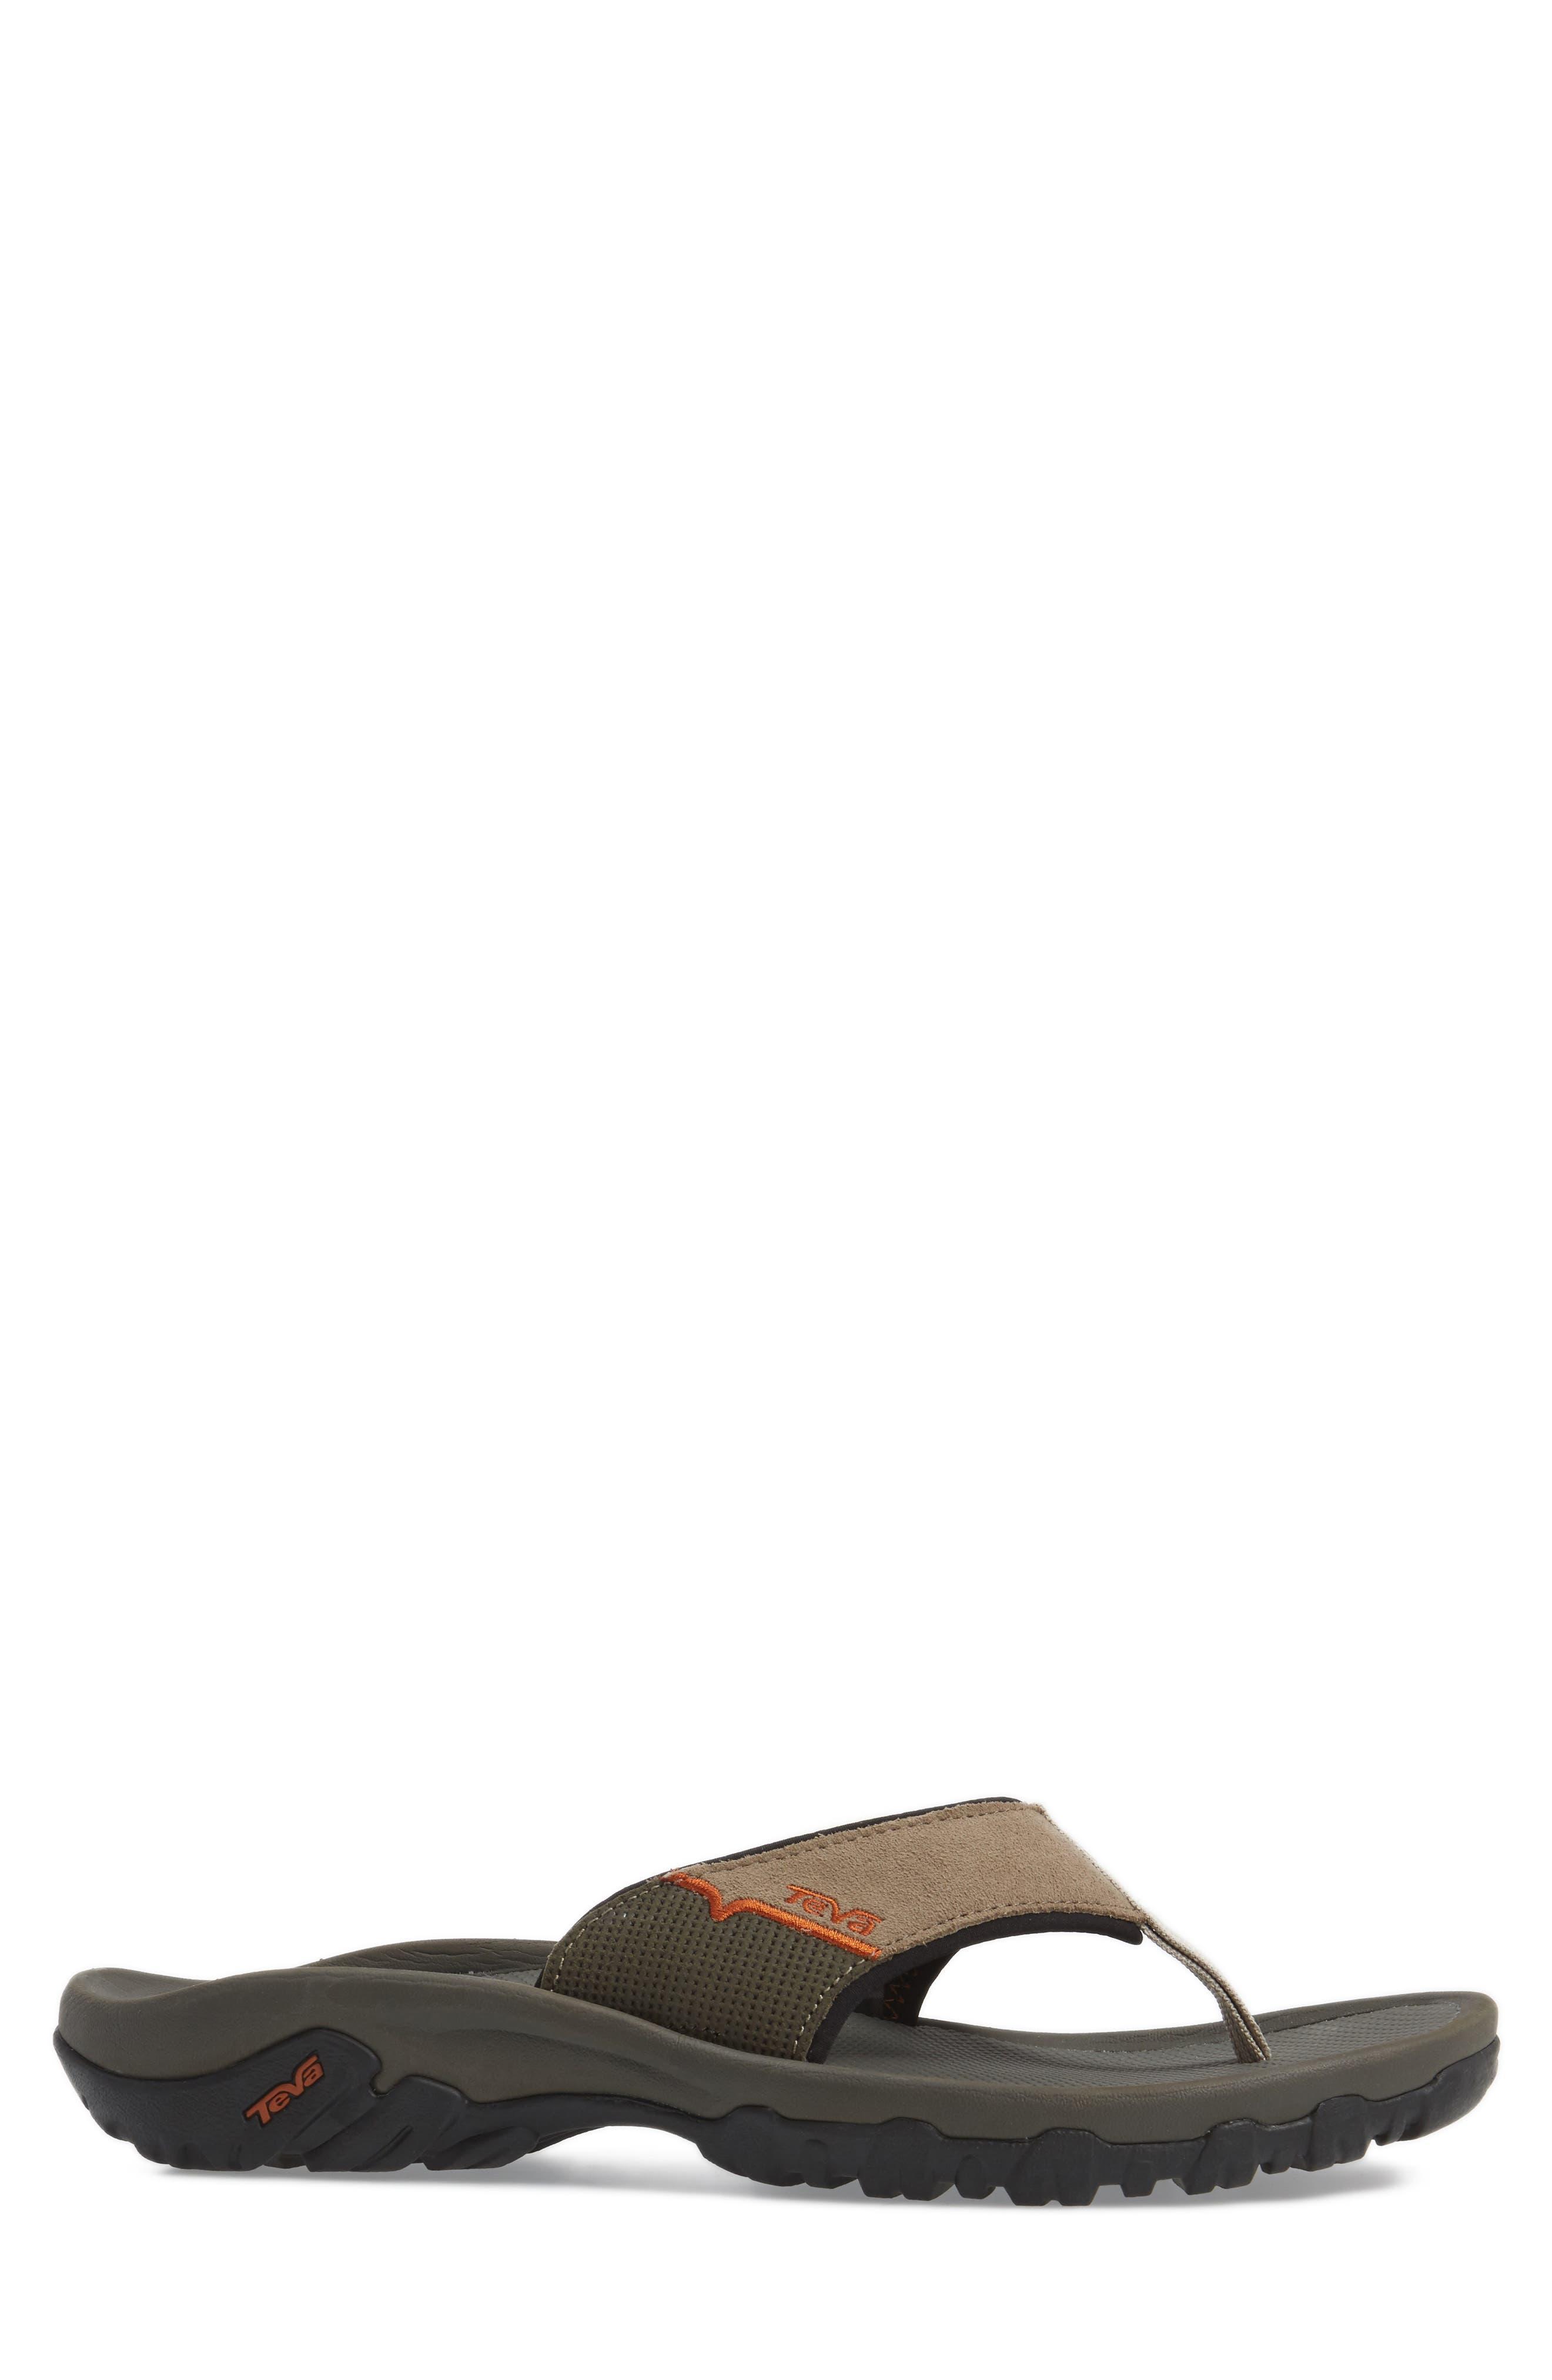 Alternate Image 3  - Teva Katavi Flip Flop (Men)